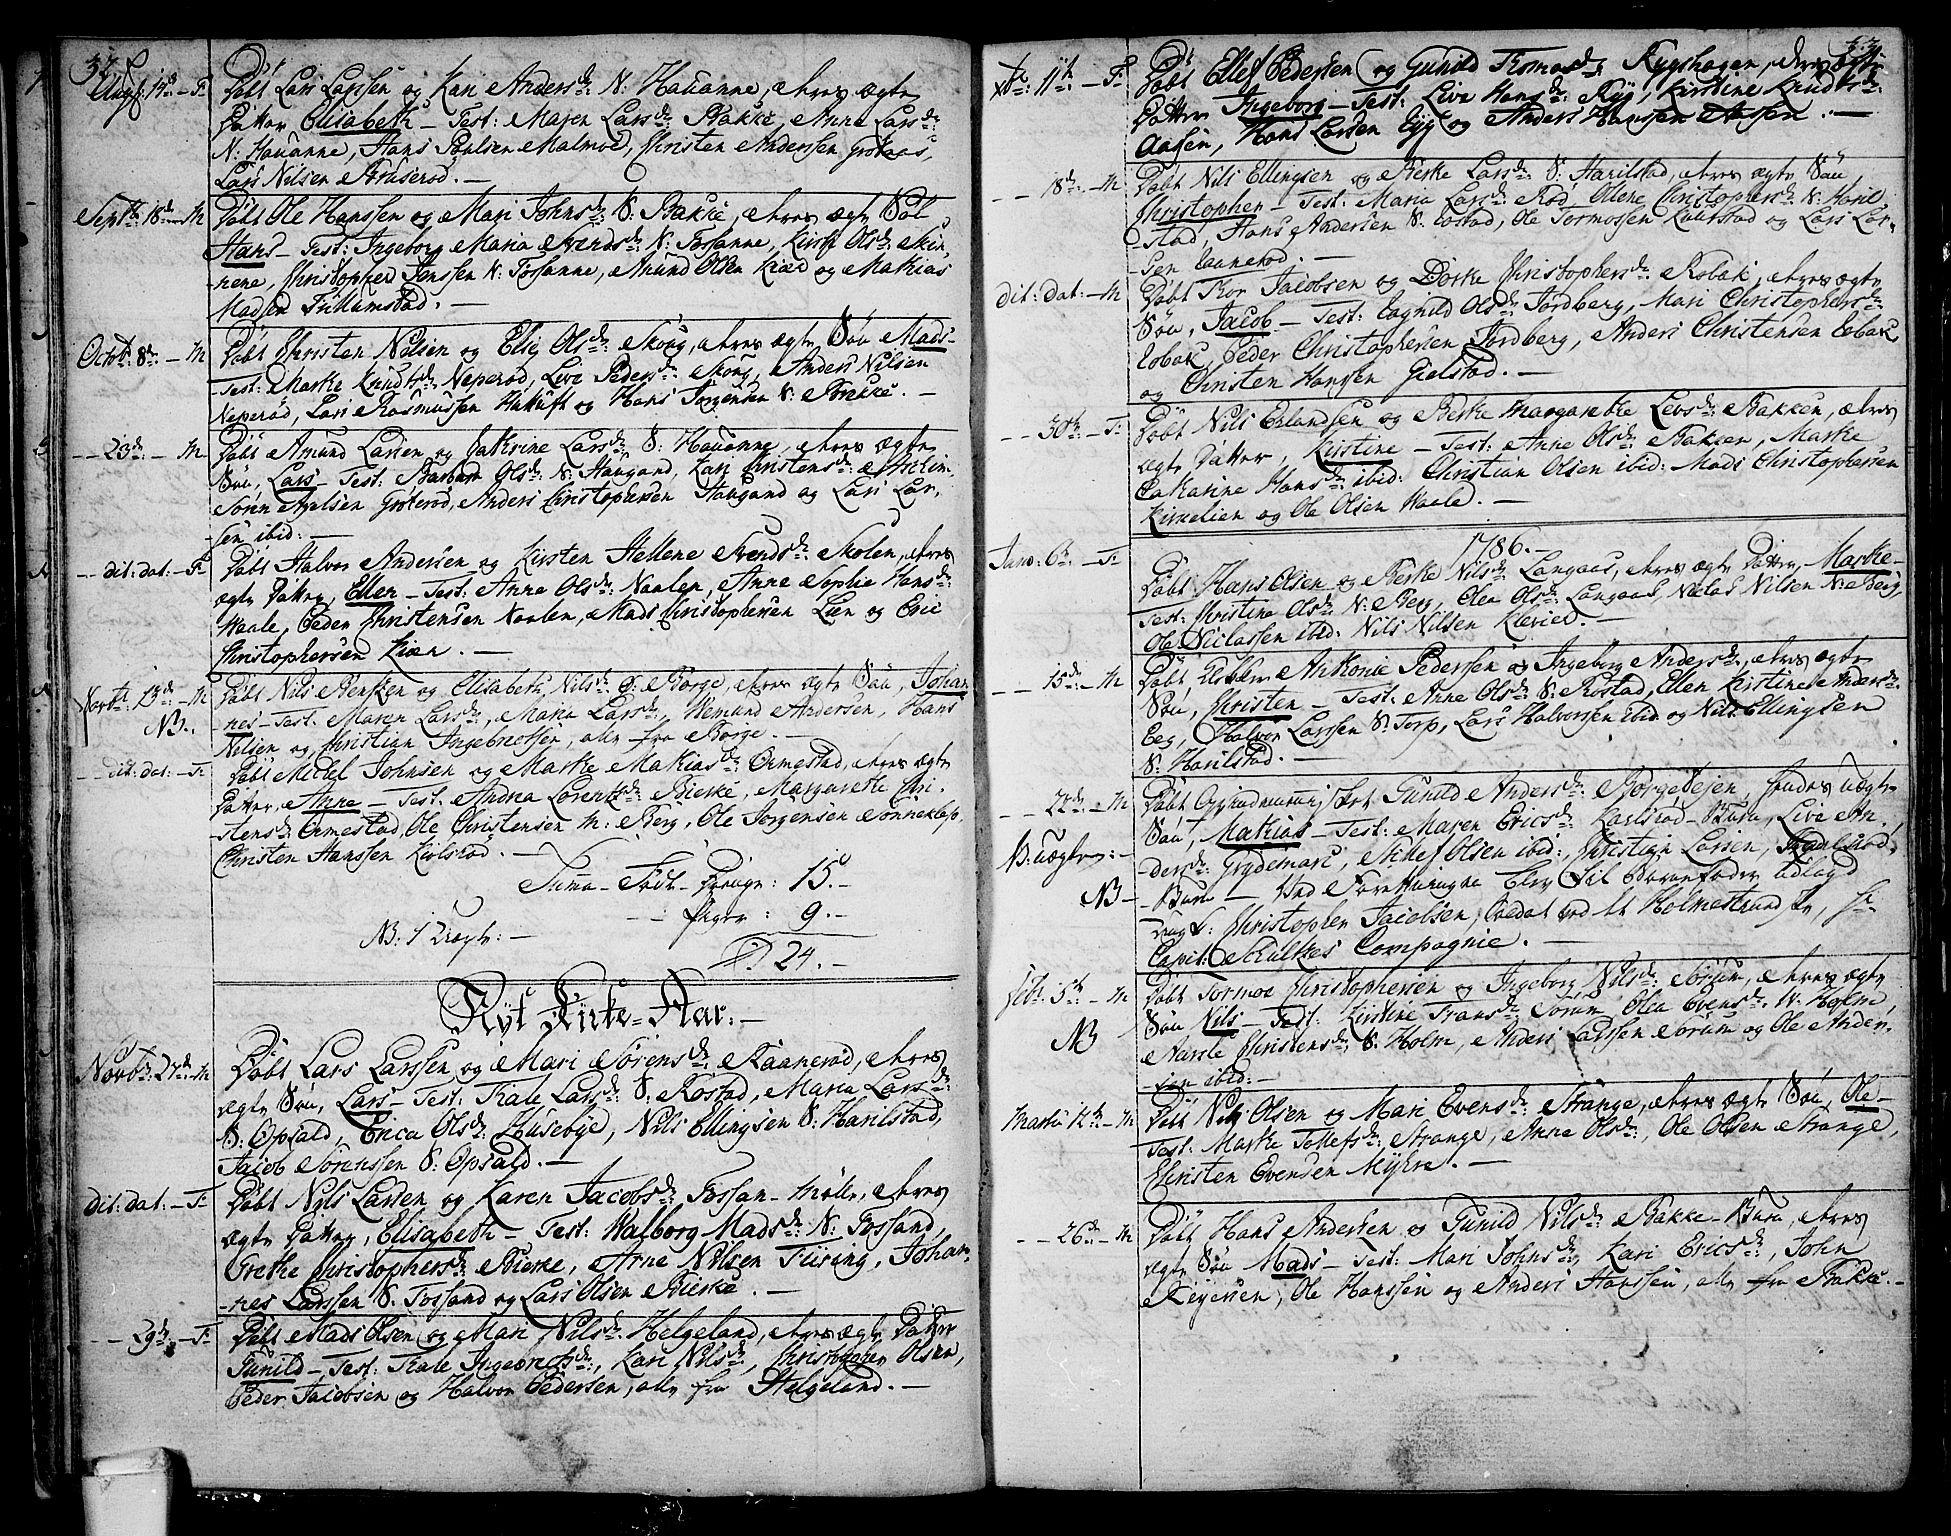 SAKO, Våle kirkebøker, F/Fa/L0005: Ministerialbok nr. I 5, 1773-1808, s. 32-33